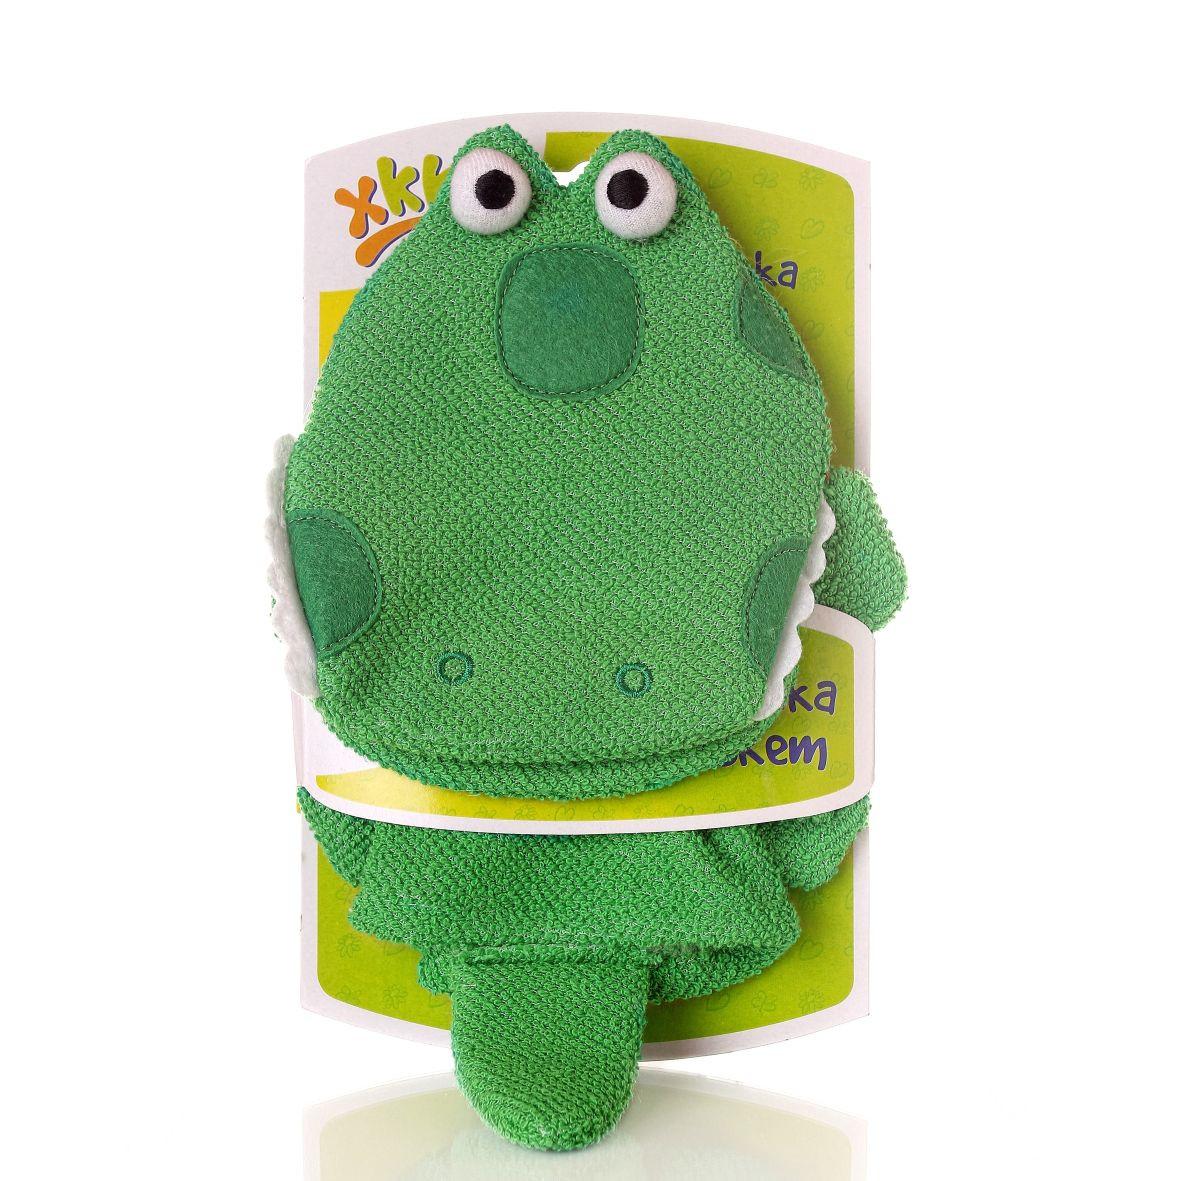 Waschlappen mit Handpuppe Krokodil - XKKO